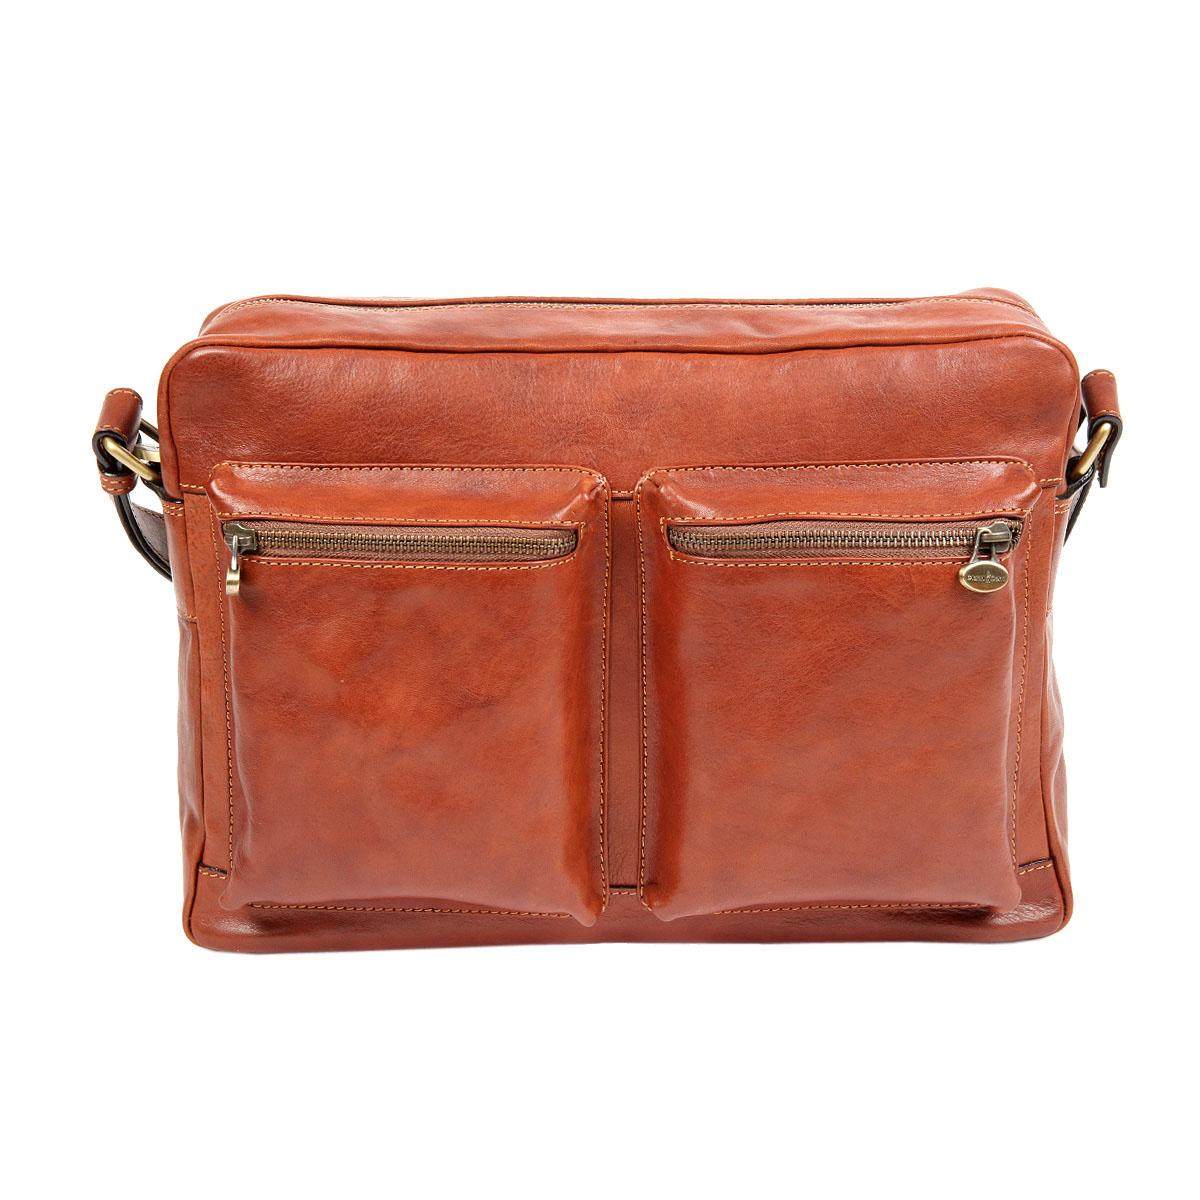 Сумка мужская Gianni Conti, цвет: светло-коричневый. 9123043-47670-00504Стильная мужская сумка Gianni Conti выполнена из натуральной кожи. Изделие имеет одно основное отделение, которое закрывается на застежку-молнию. Внутри имеются два открытых накладных кармана, держатель для авторучки, мягкий карман для планшета, который закрывается на хлястик с липучкой и прорезной карман на застежке-молнии. Снаружи, на передней стенке расположены два накладных объемных кармана на застежках-молниях, на задней стенке - прорезной карман на застежке-молнии. Модель оснащена плечевым ремнем, который регулируется по длине. Роскошная сумка внесет элегантные нотки в ваш образ и подчеркнет ваше отменное чувство стиля.